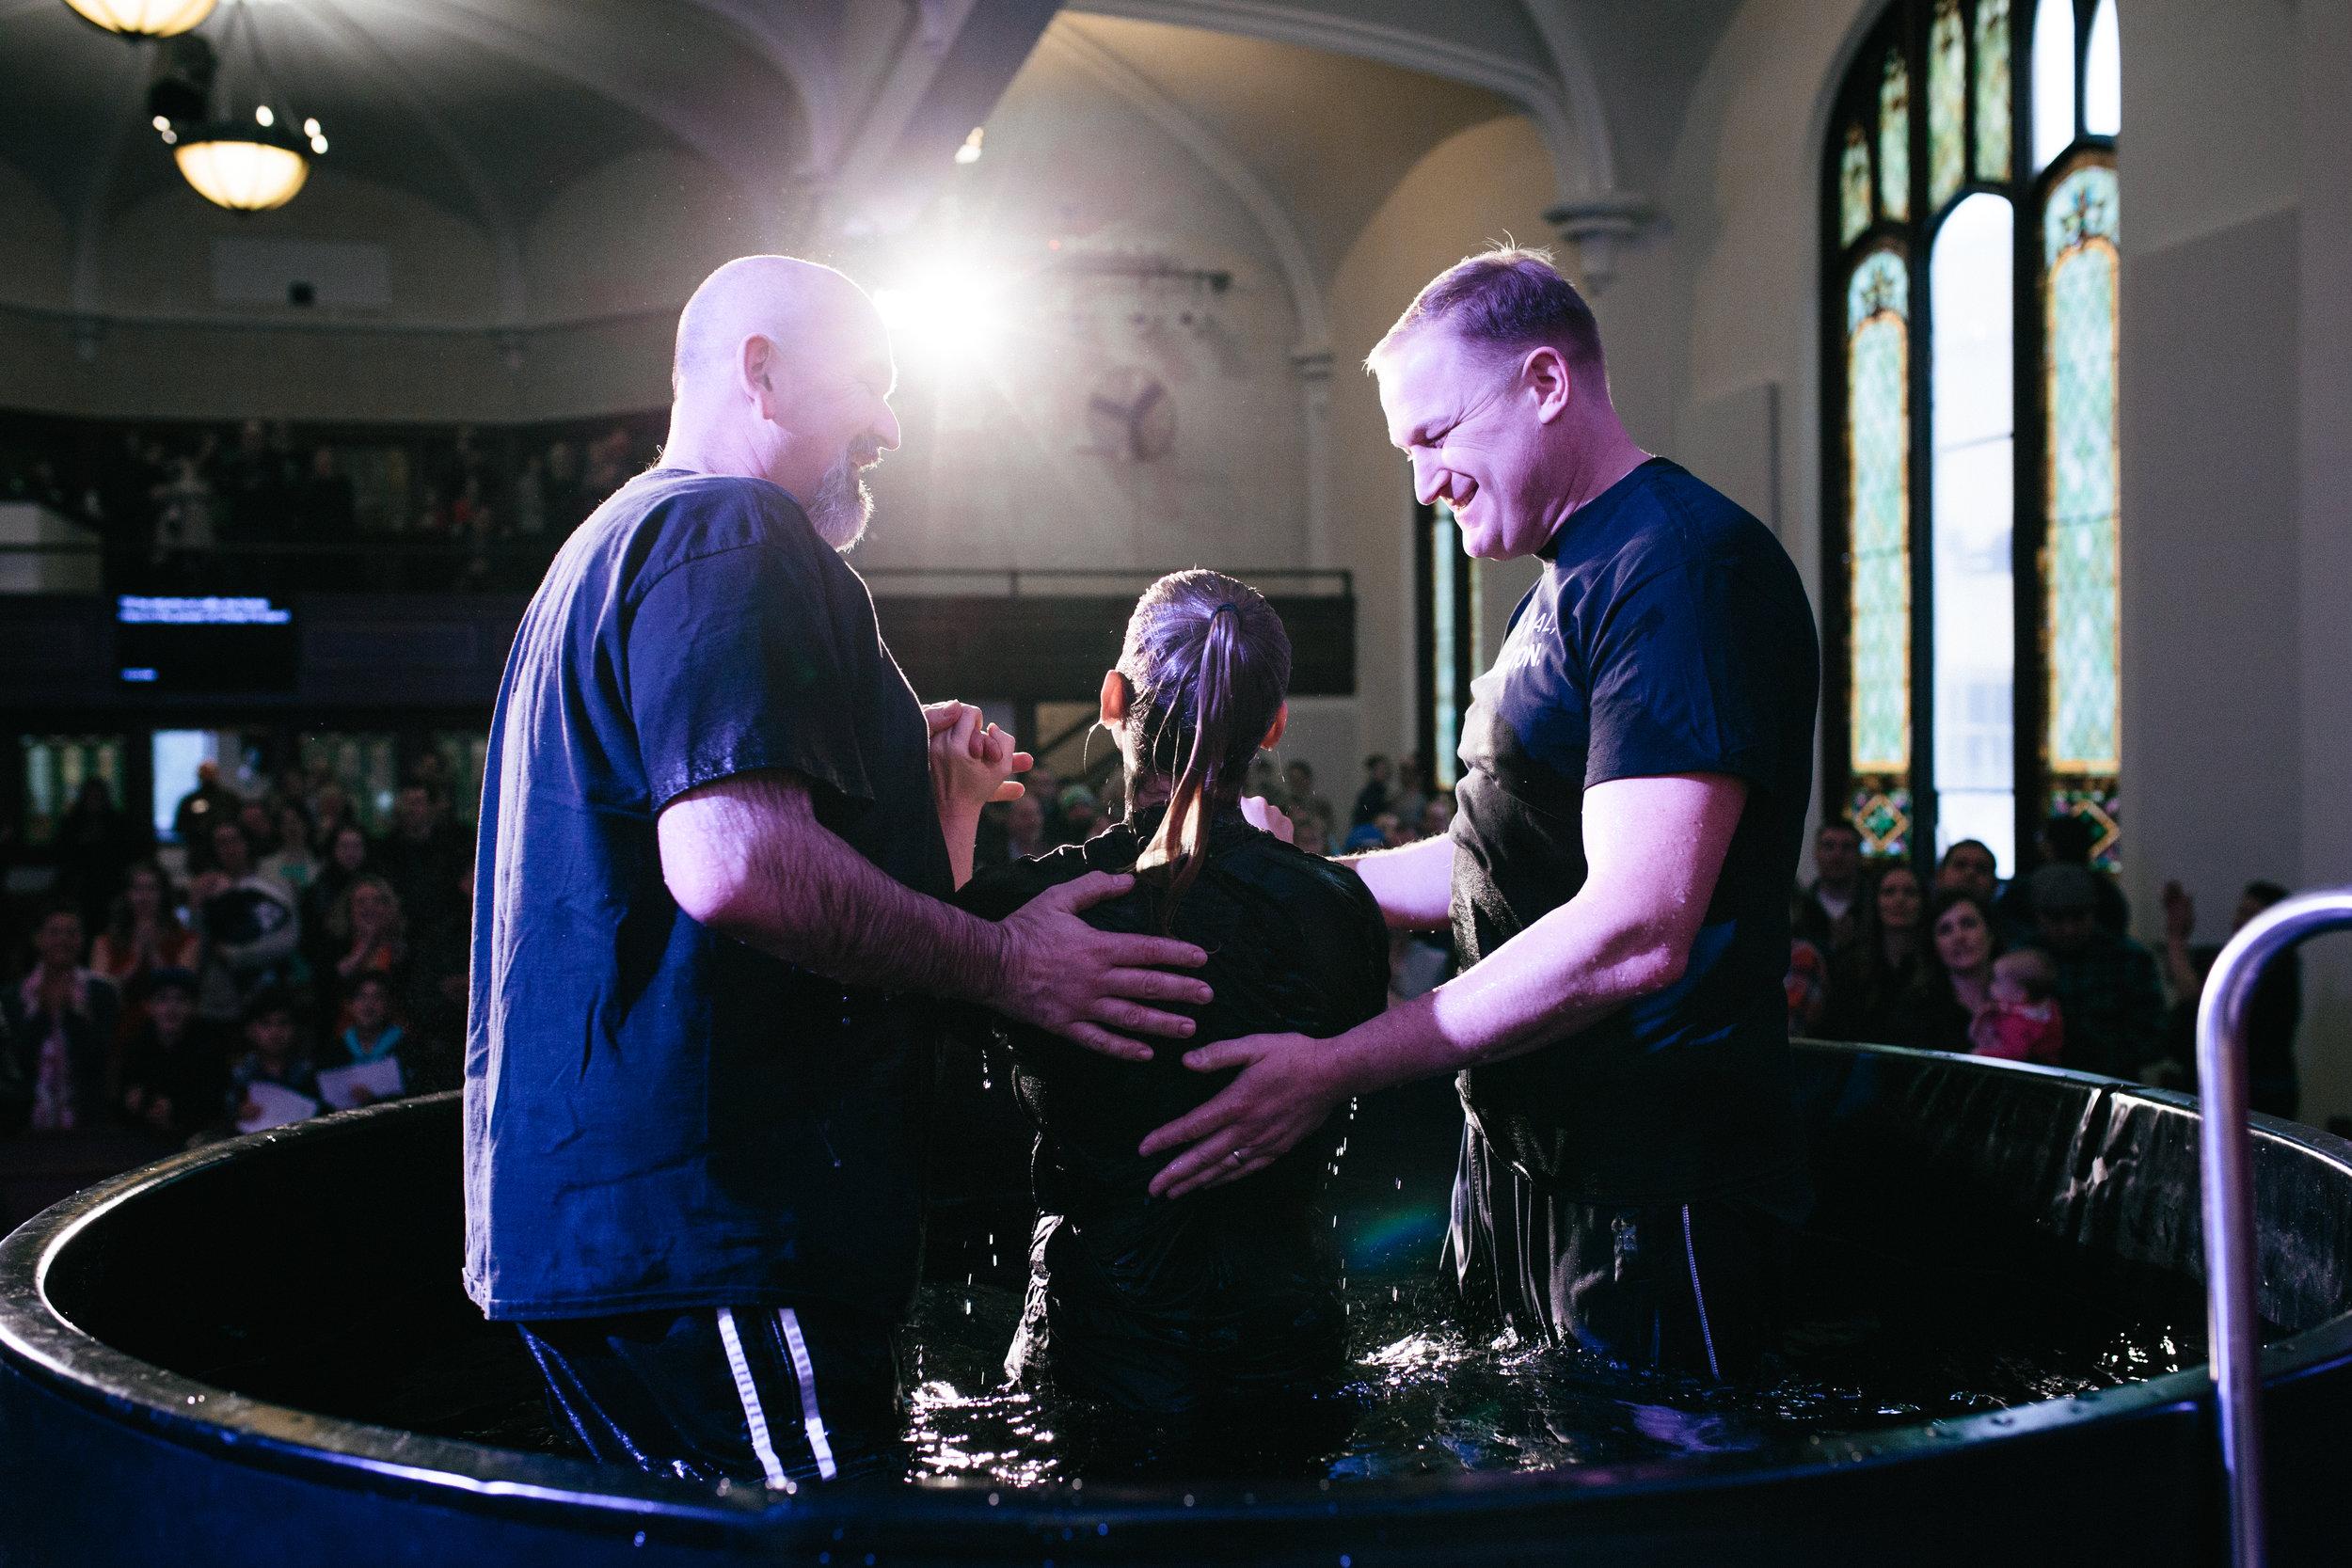 baptisms-1-8-17-3.jpg